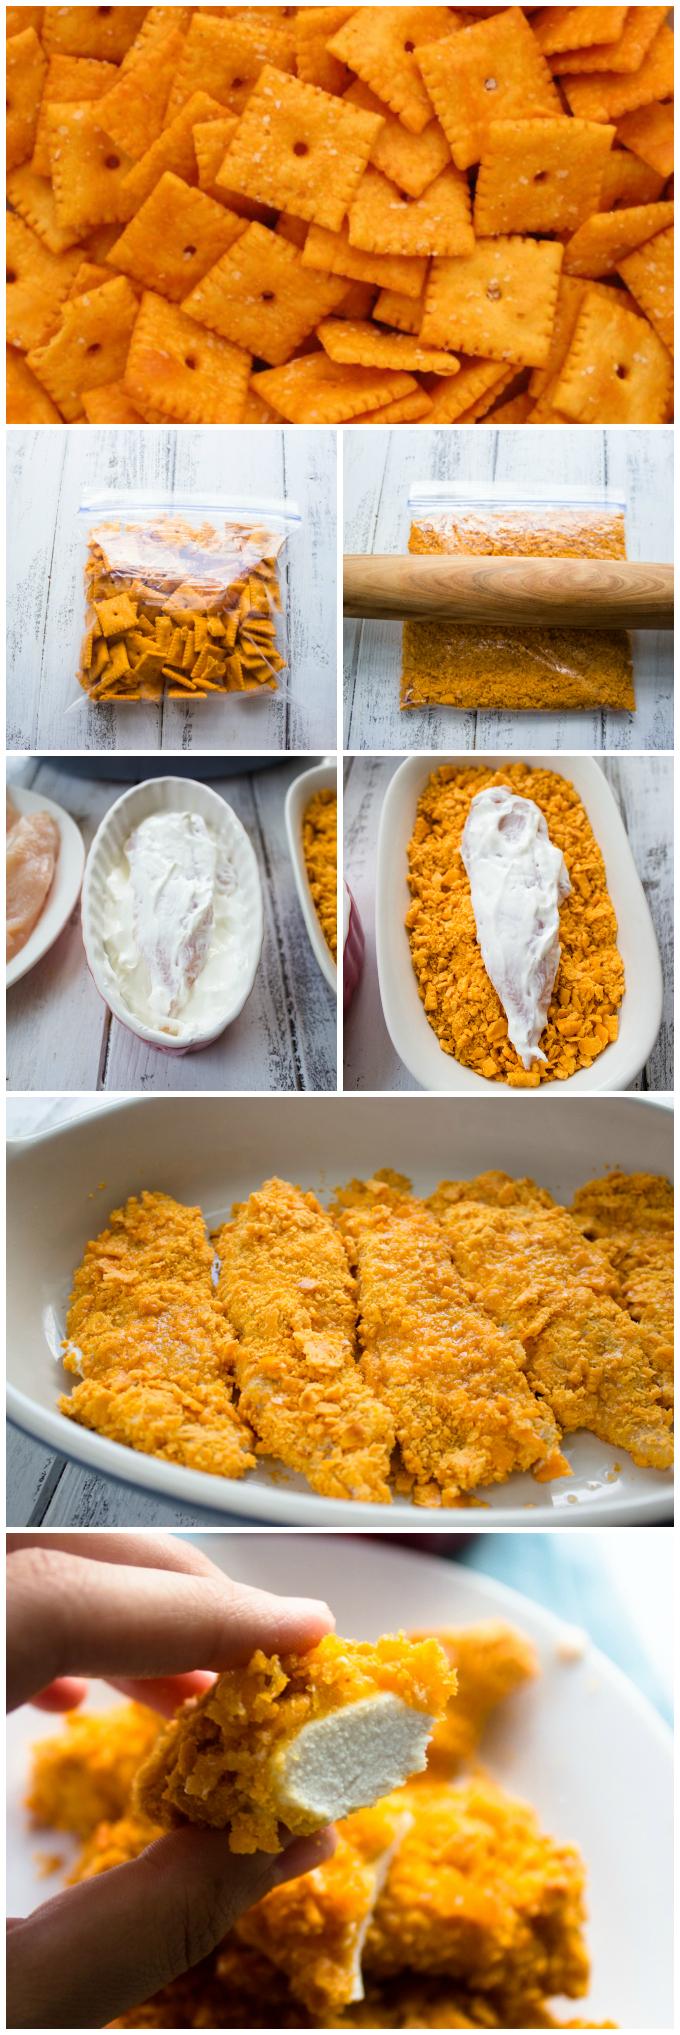 Cheese Nips Crusted Chicken Tenders